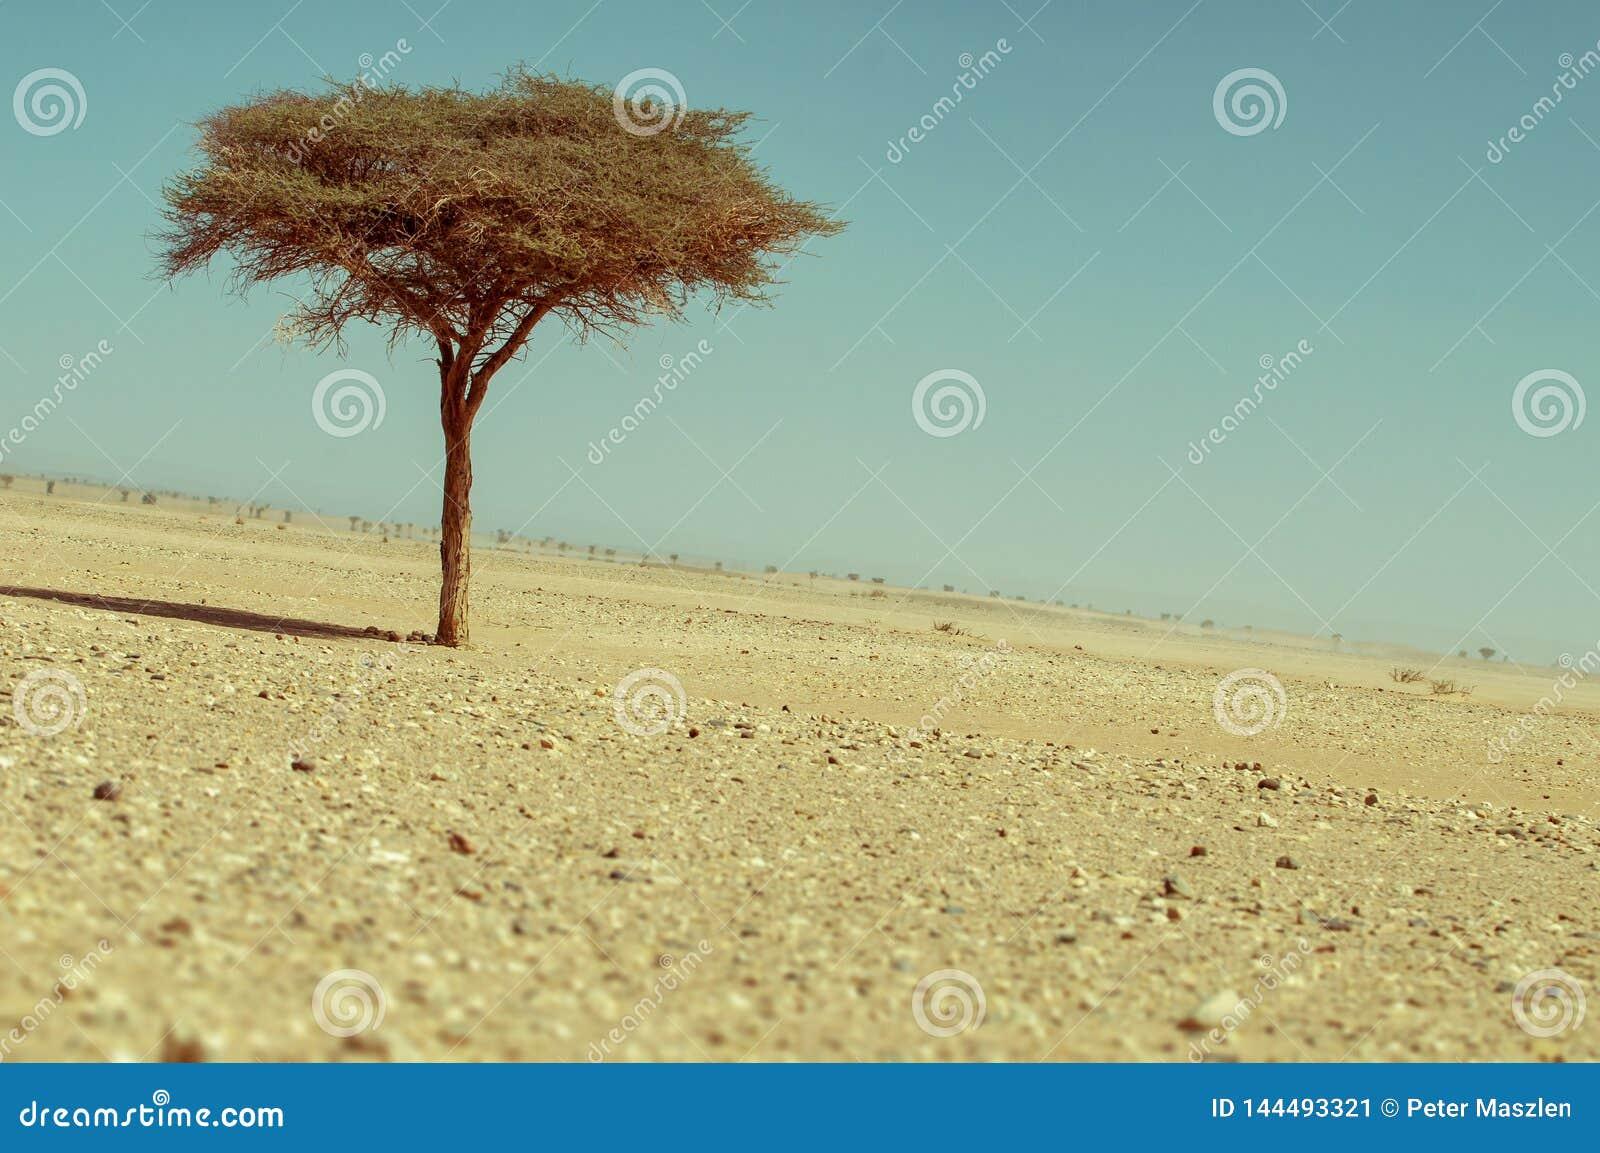 Arbre isolé dans le désert marocain